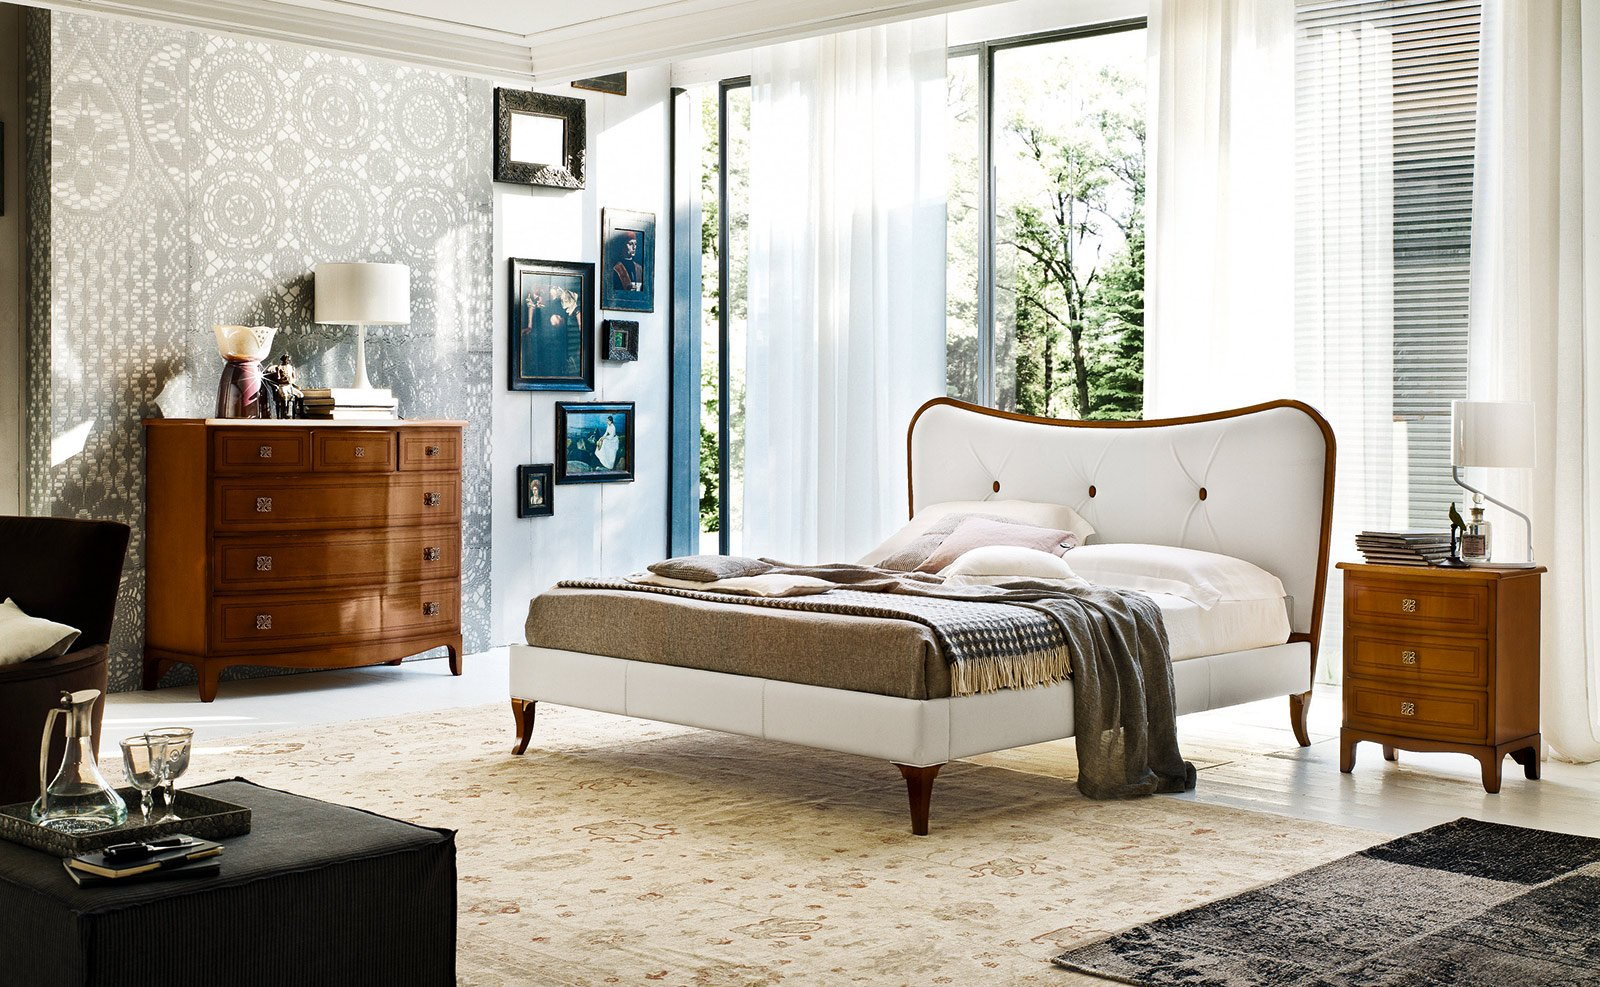 Letti imbottiti capitonn in versione classica cose di casa for Camere da letto le fablier prezzi